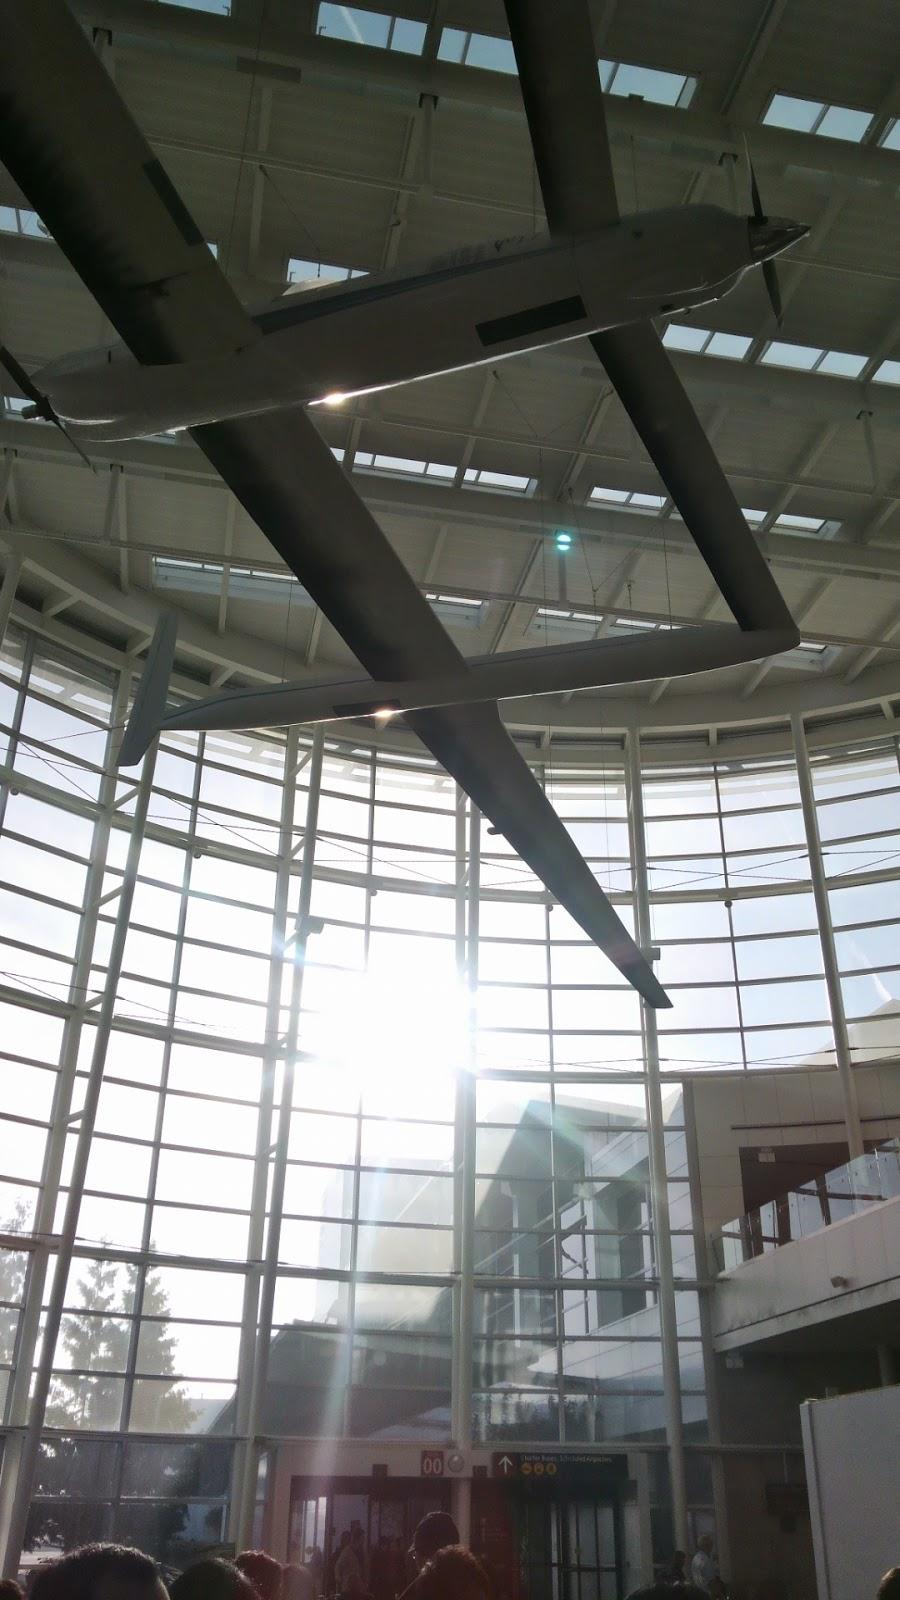 シアトルの空港にて。朝日が眩しい。